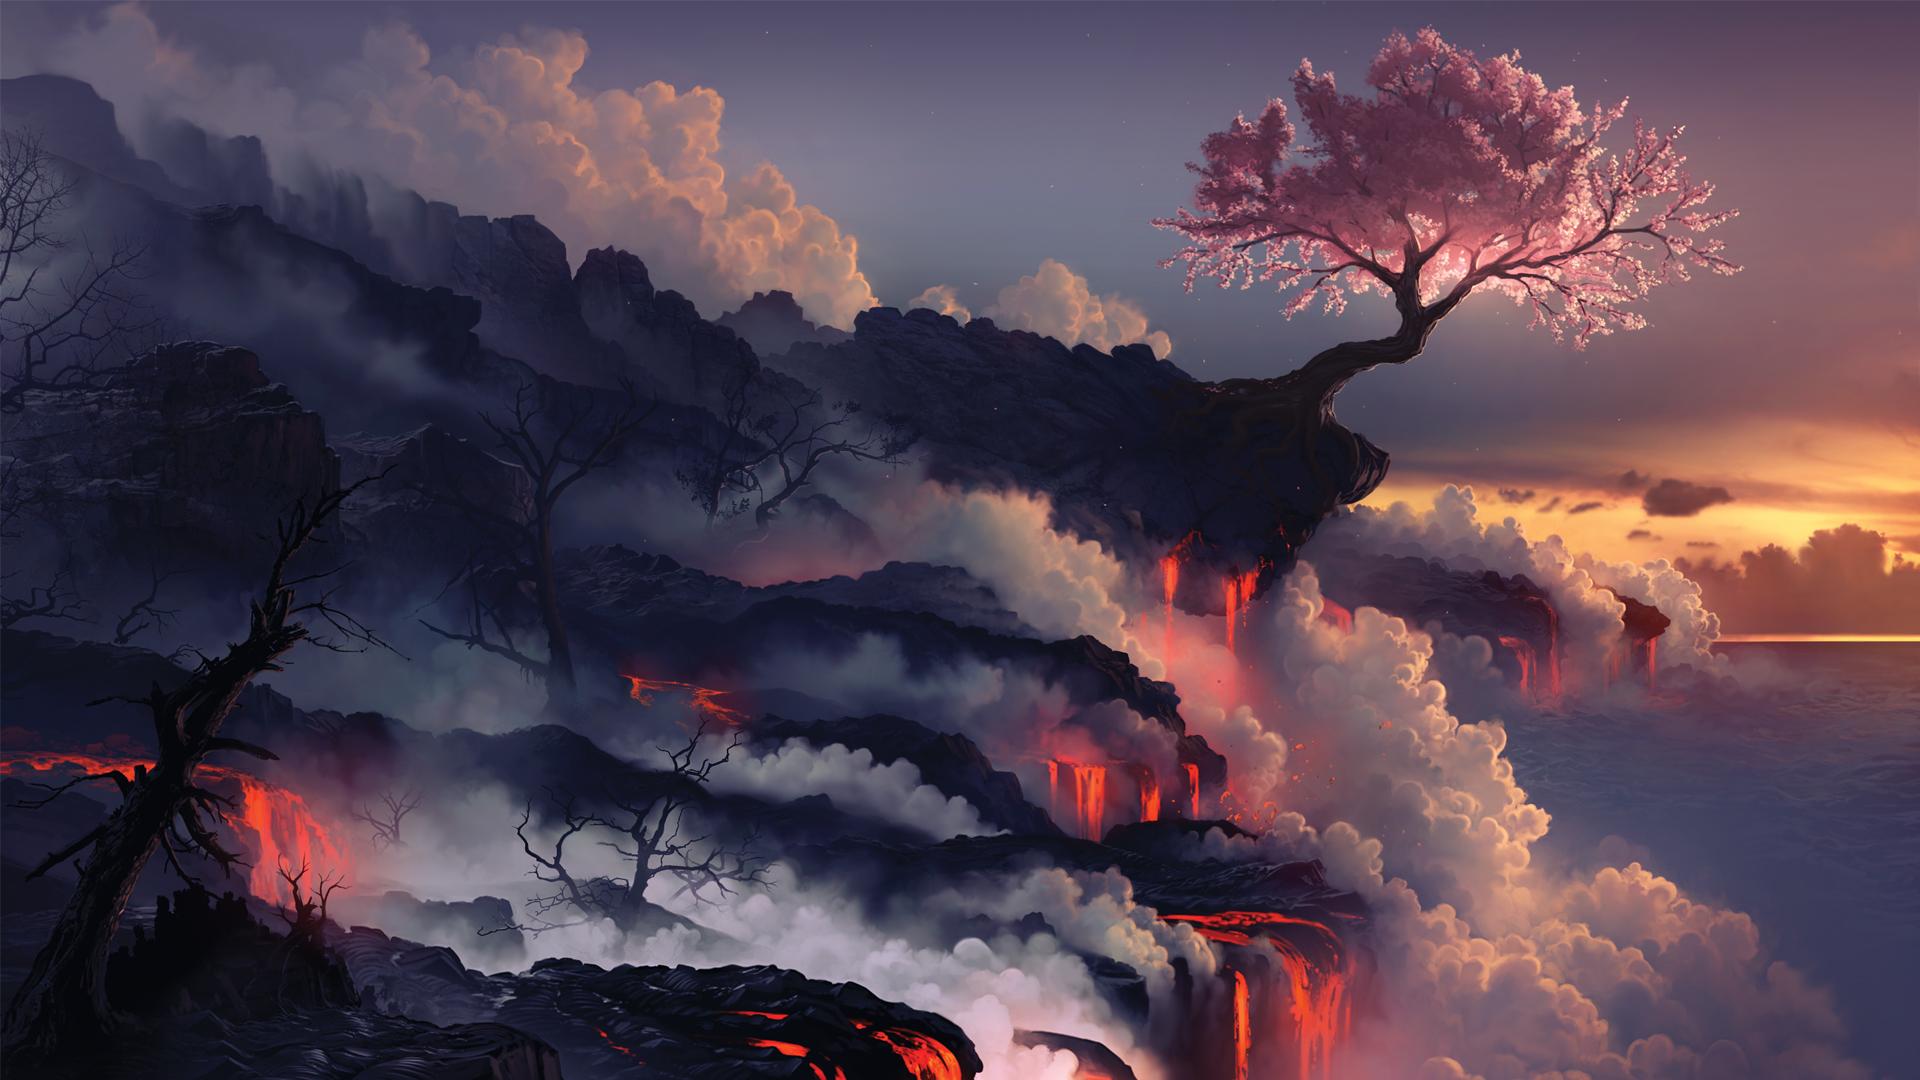 arcipello cherry blossoms clouds landscape nobody original petals scenic tree